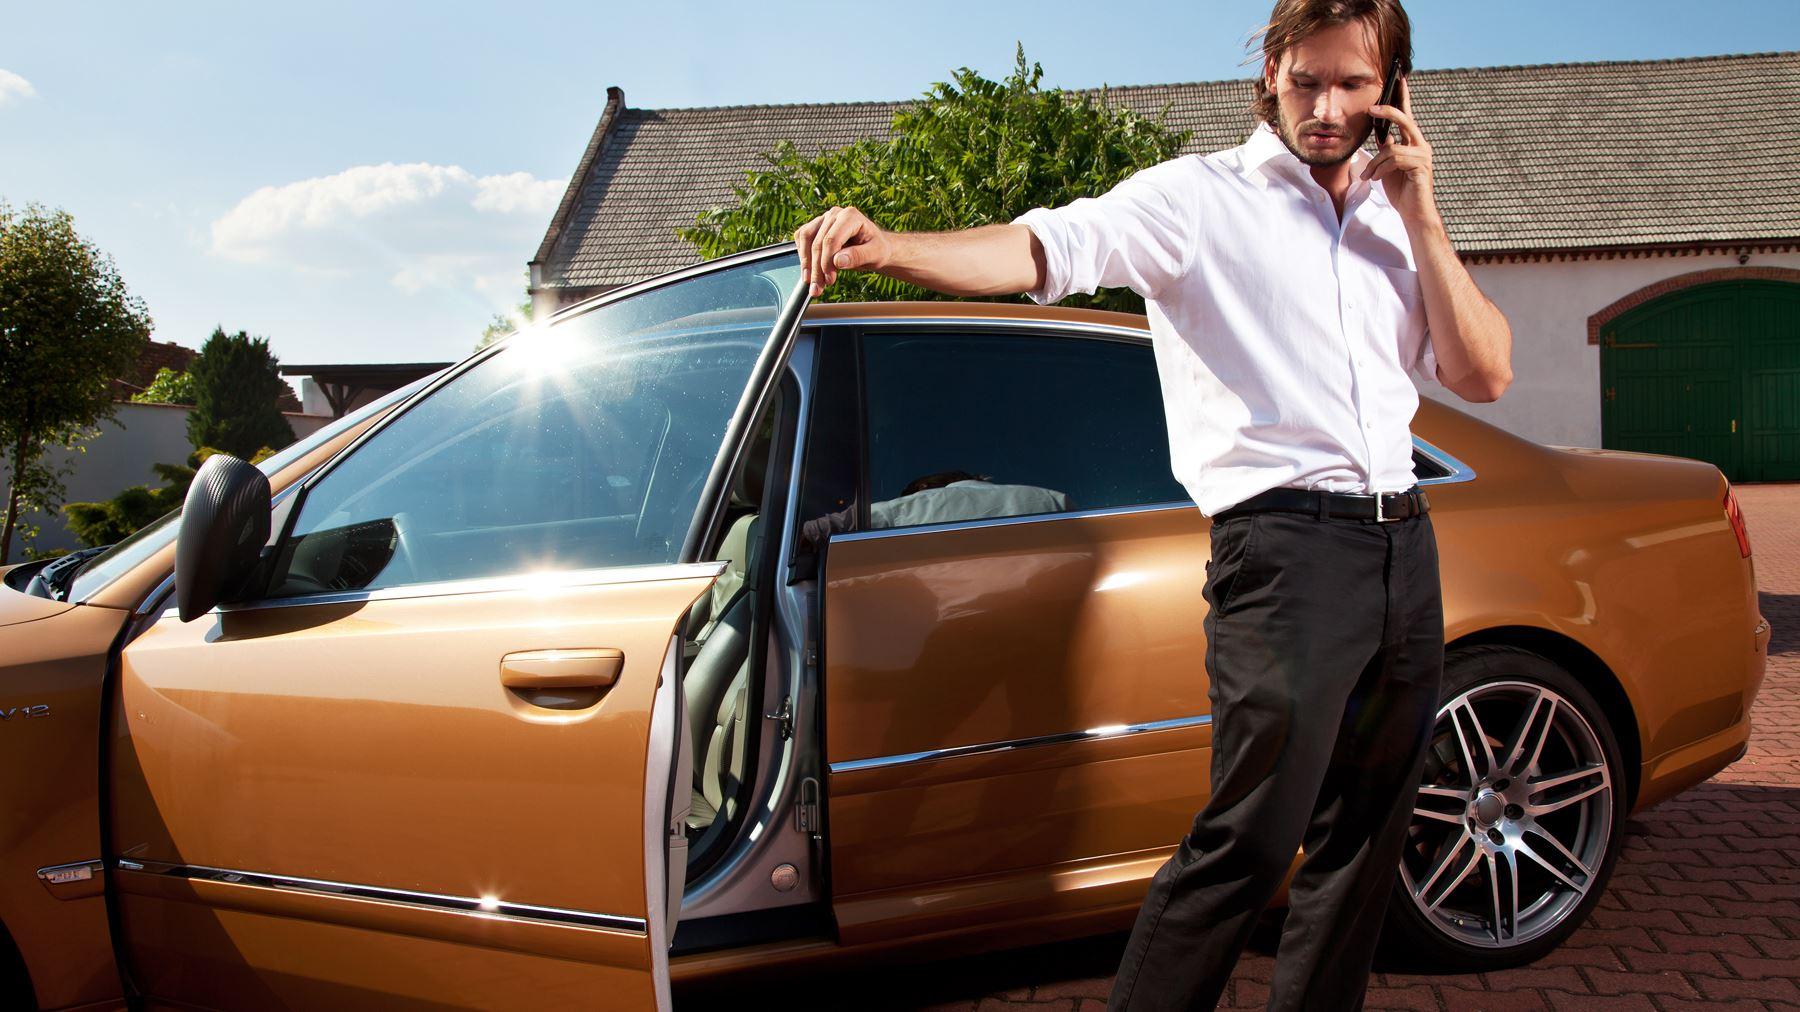 свою очередь, картинки машины и мужчин так много людей